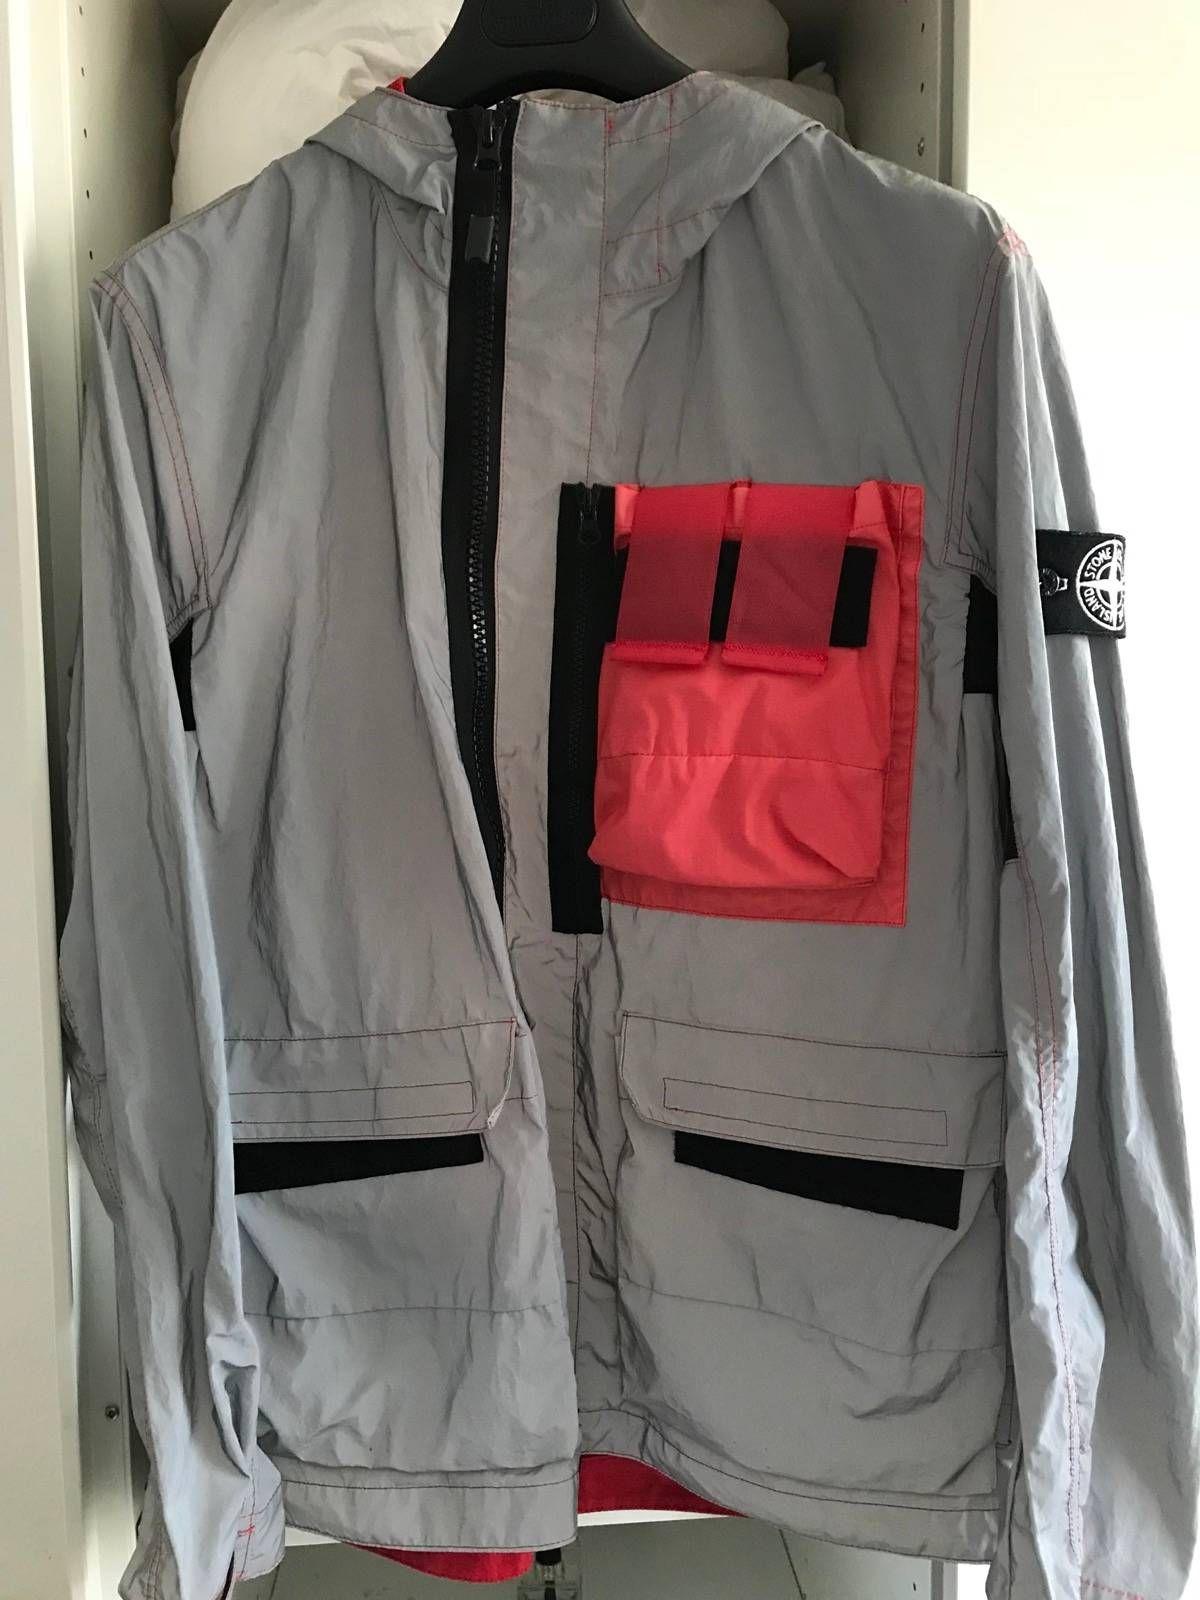 49708597e143 Buy Stone Island Stone Island Mussola Gommata Reflective Jacket Pink Pocket  size Large